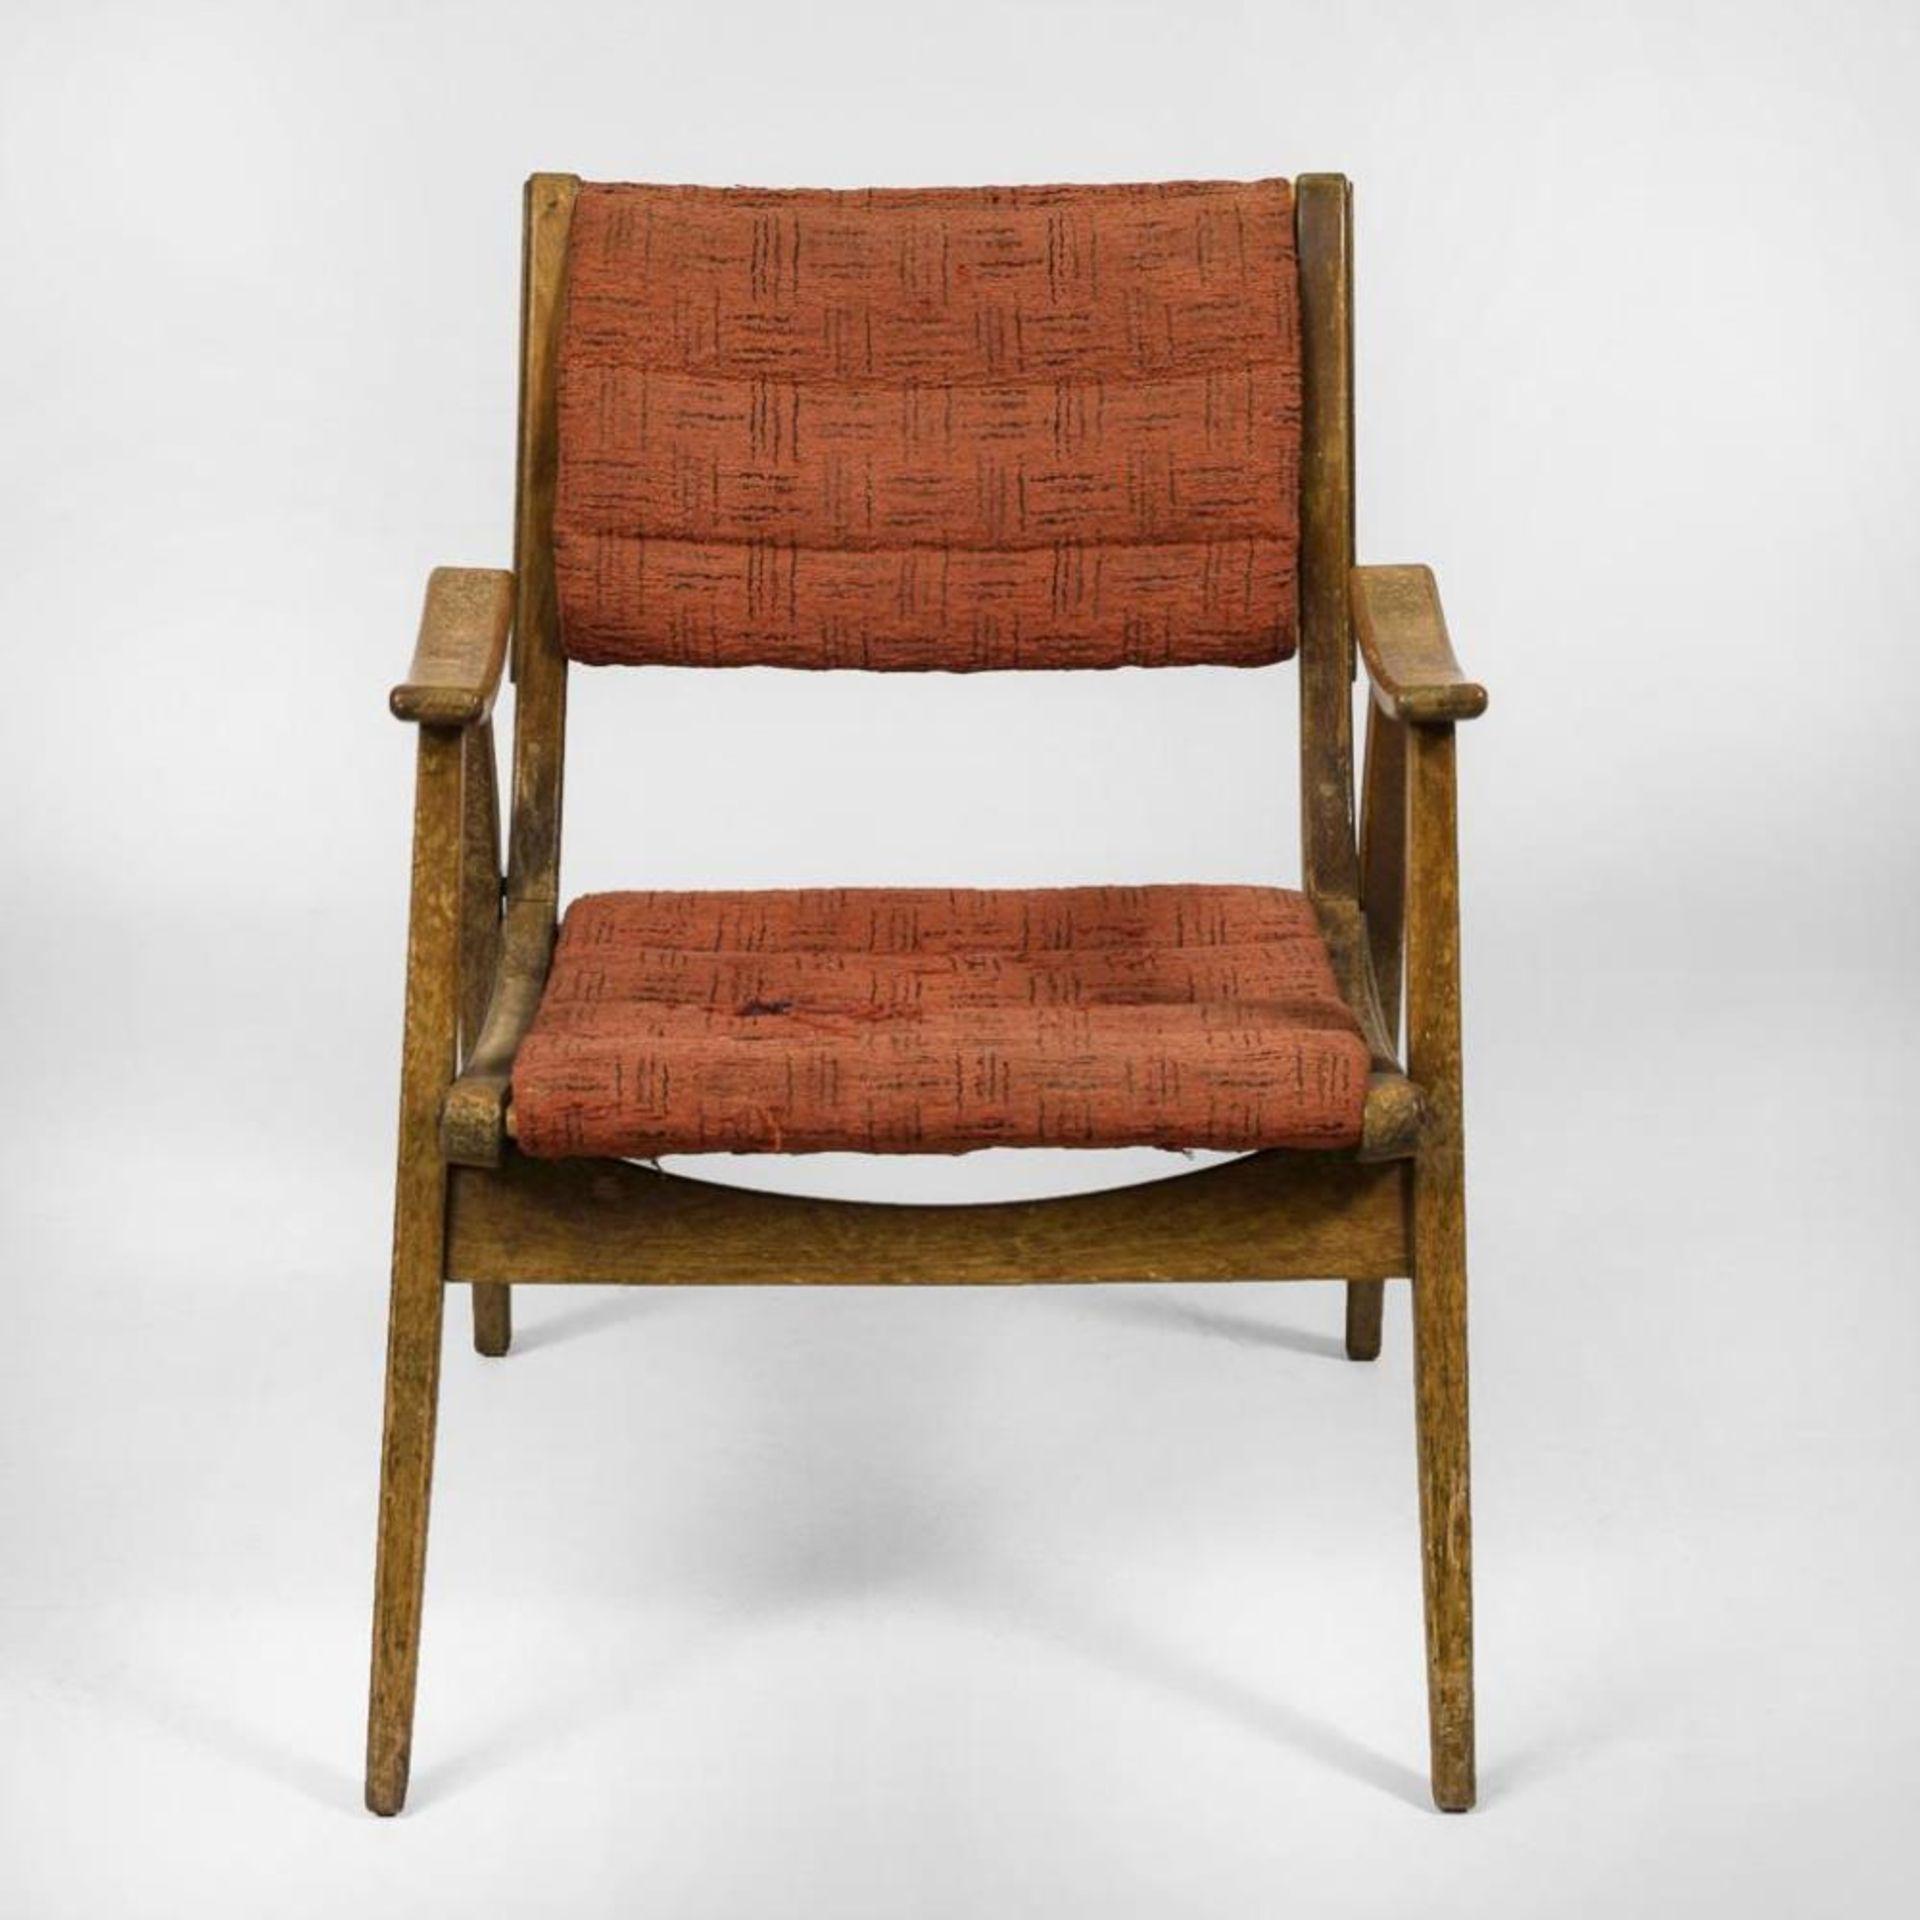 Armlehnstuhl von Erich Dieckmann | Siehe Nachtrag - Image 2 of 2